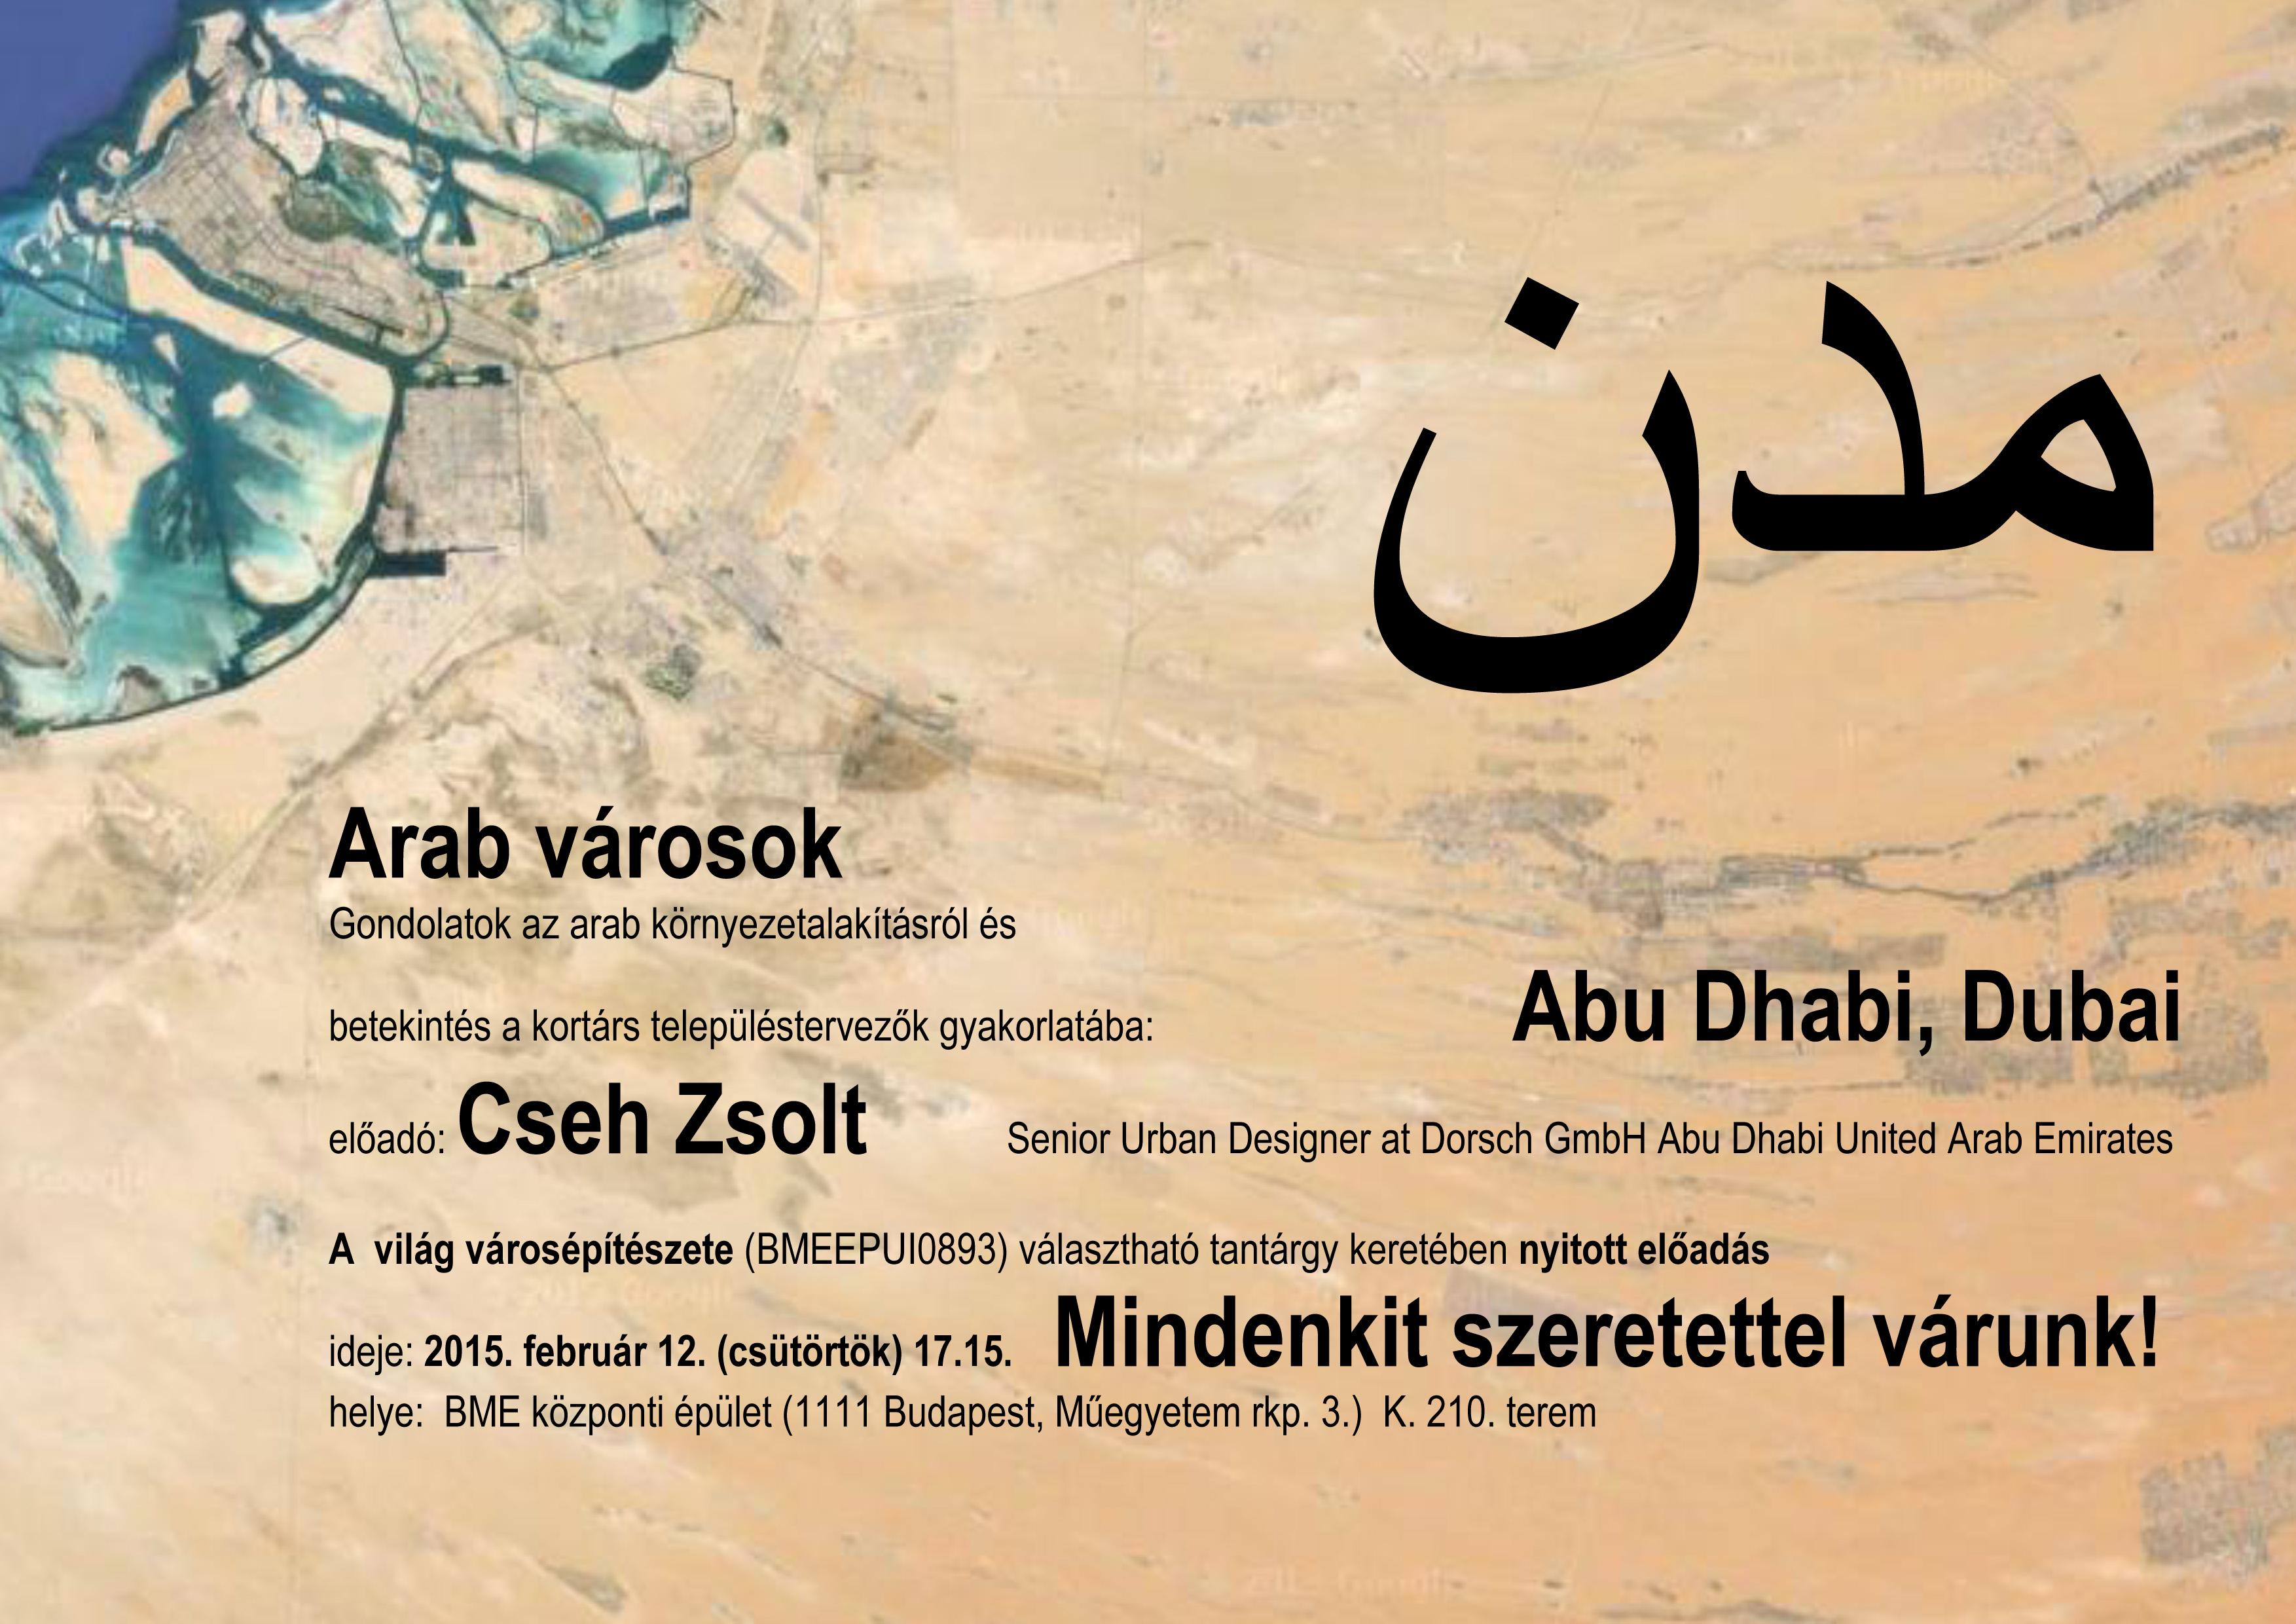 Arab városok